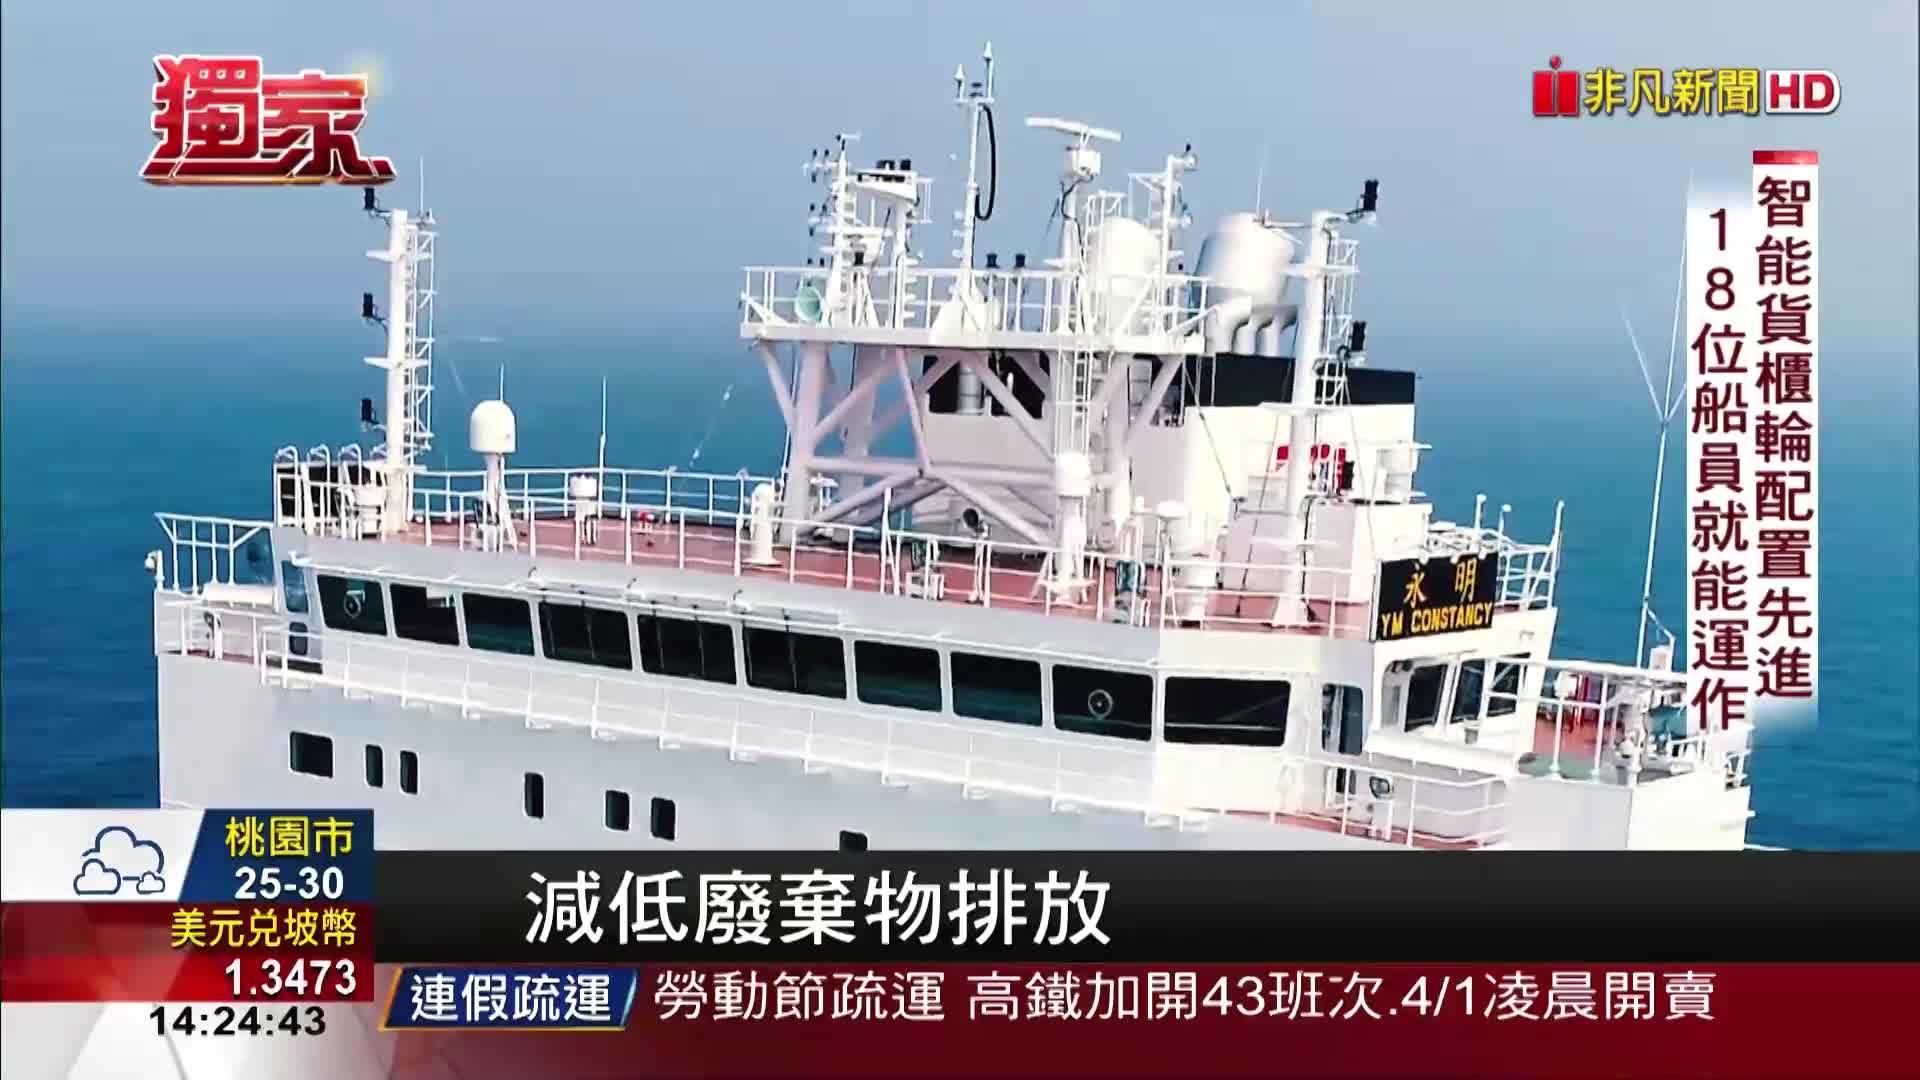 登上陽明海運永明輪! 智能貨櫃輪新科技